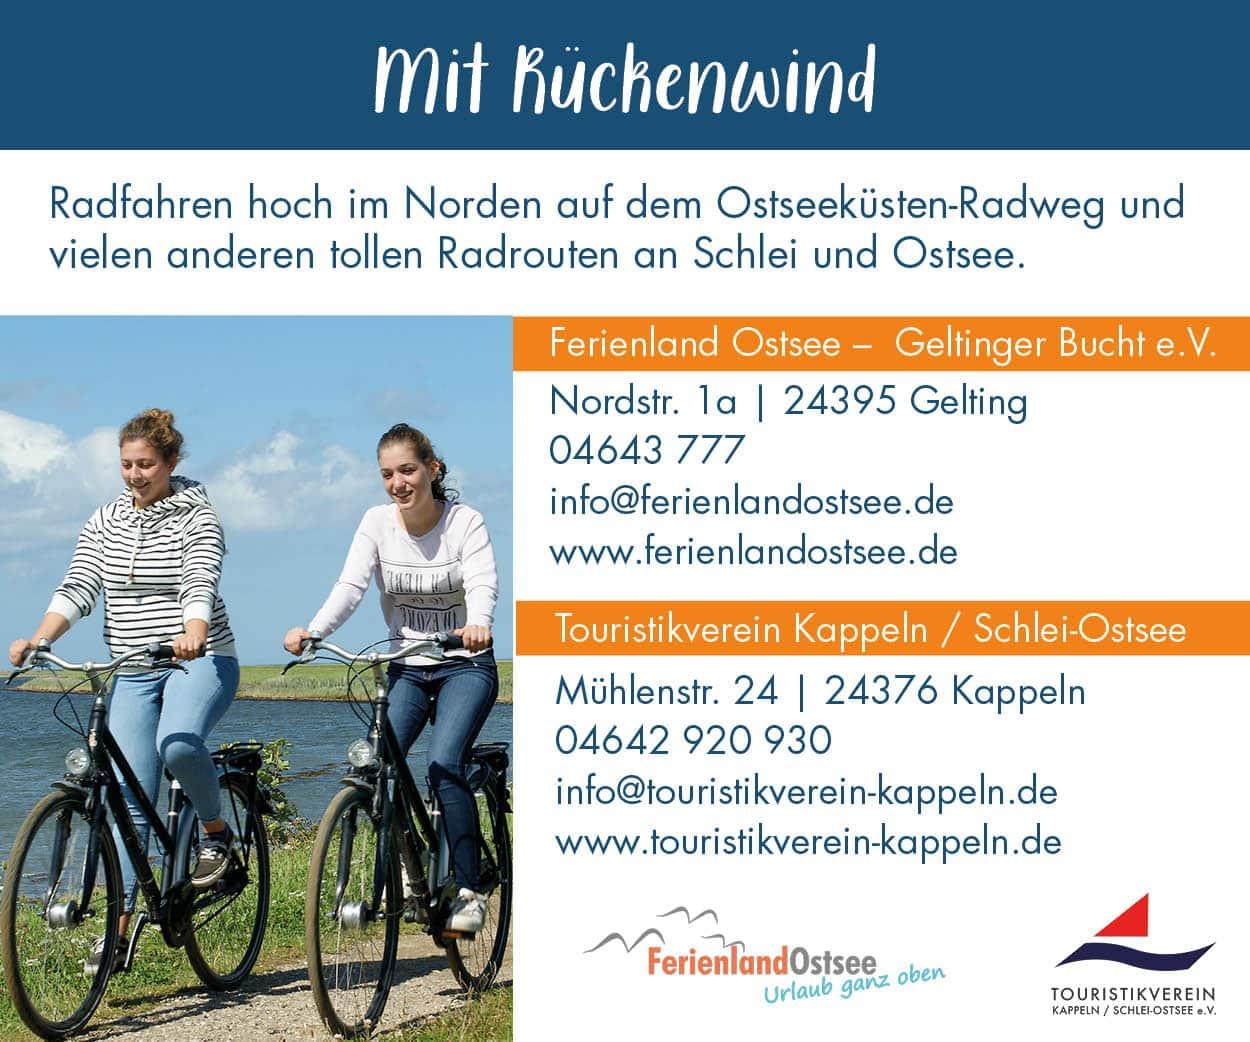 Ferienland Ostsee 2